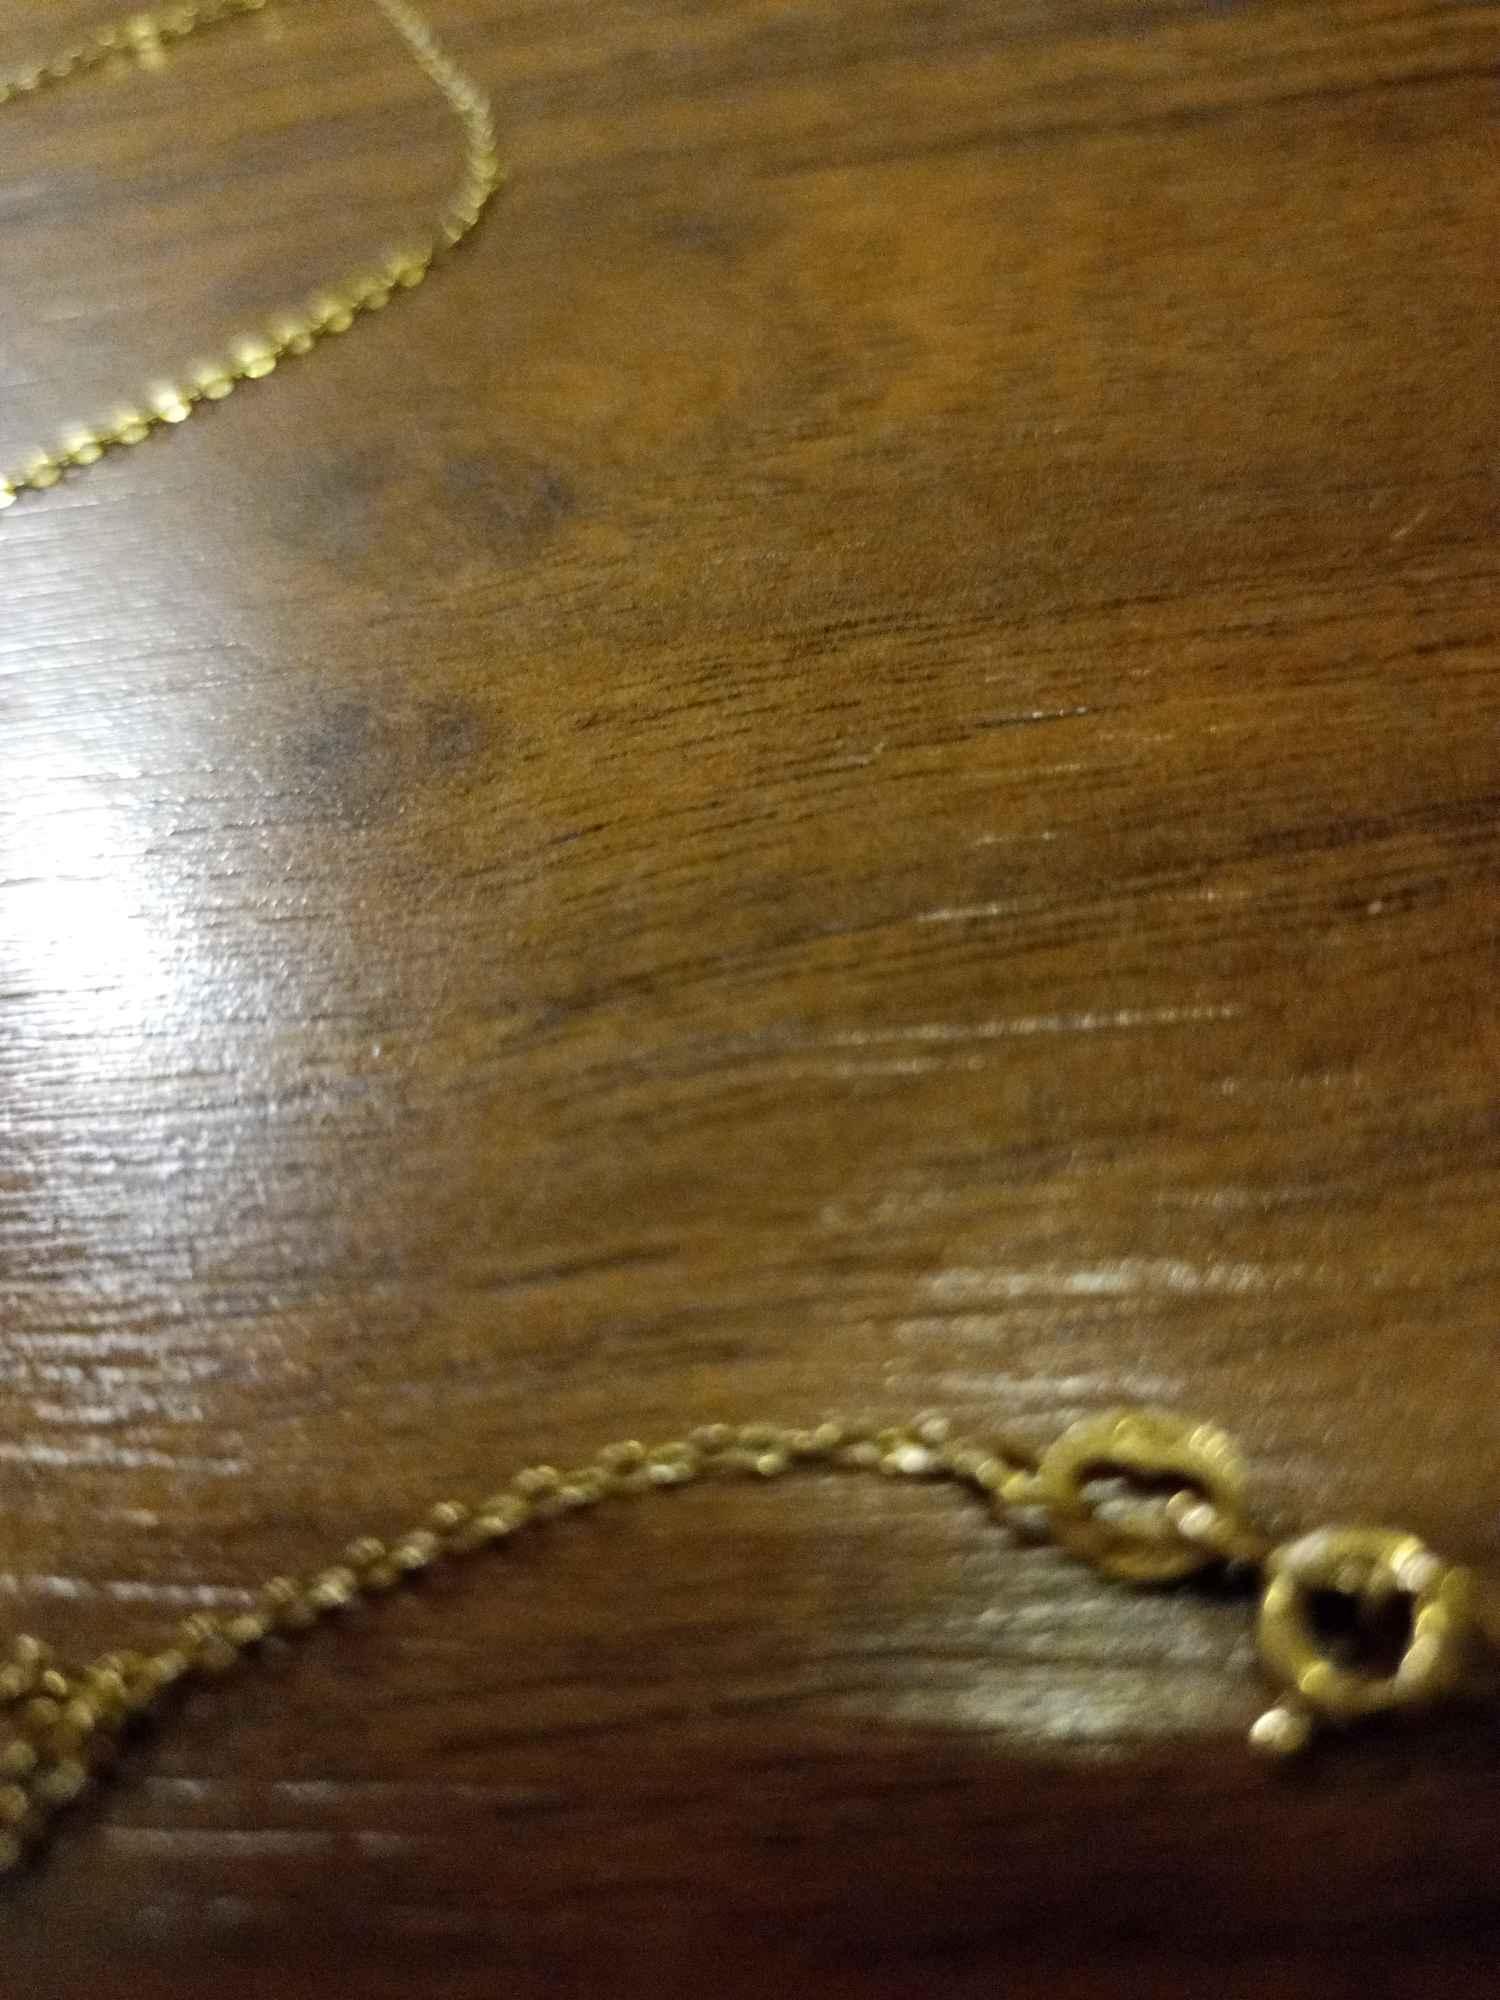 Złoty łańcuszek próba 750 Gdańsk - zdjęcie 2